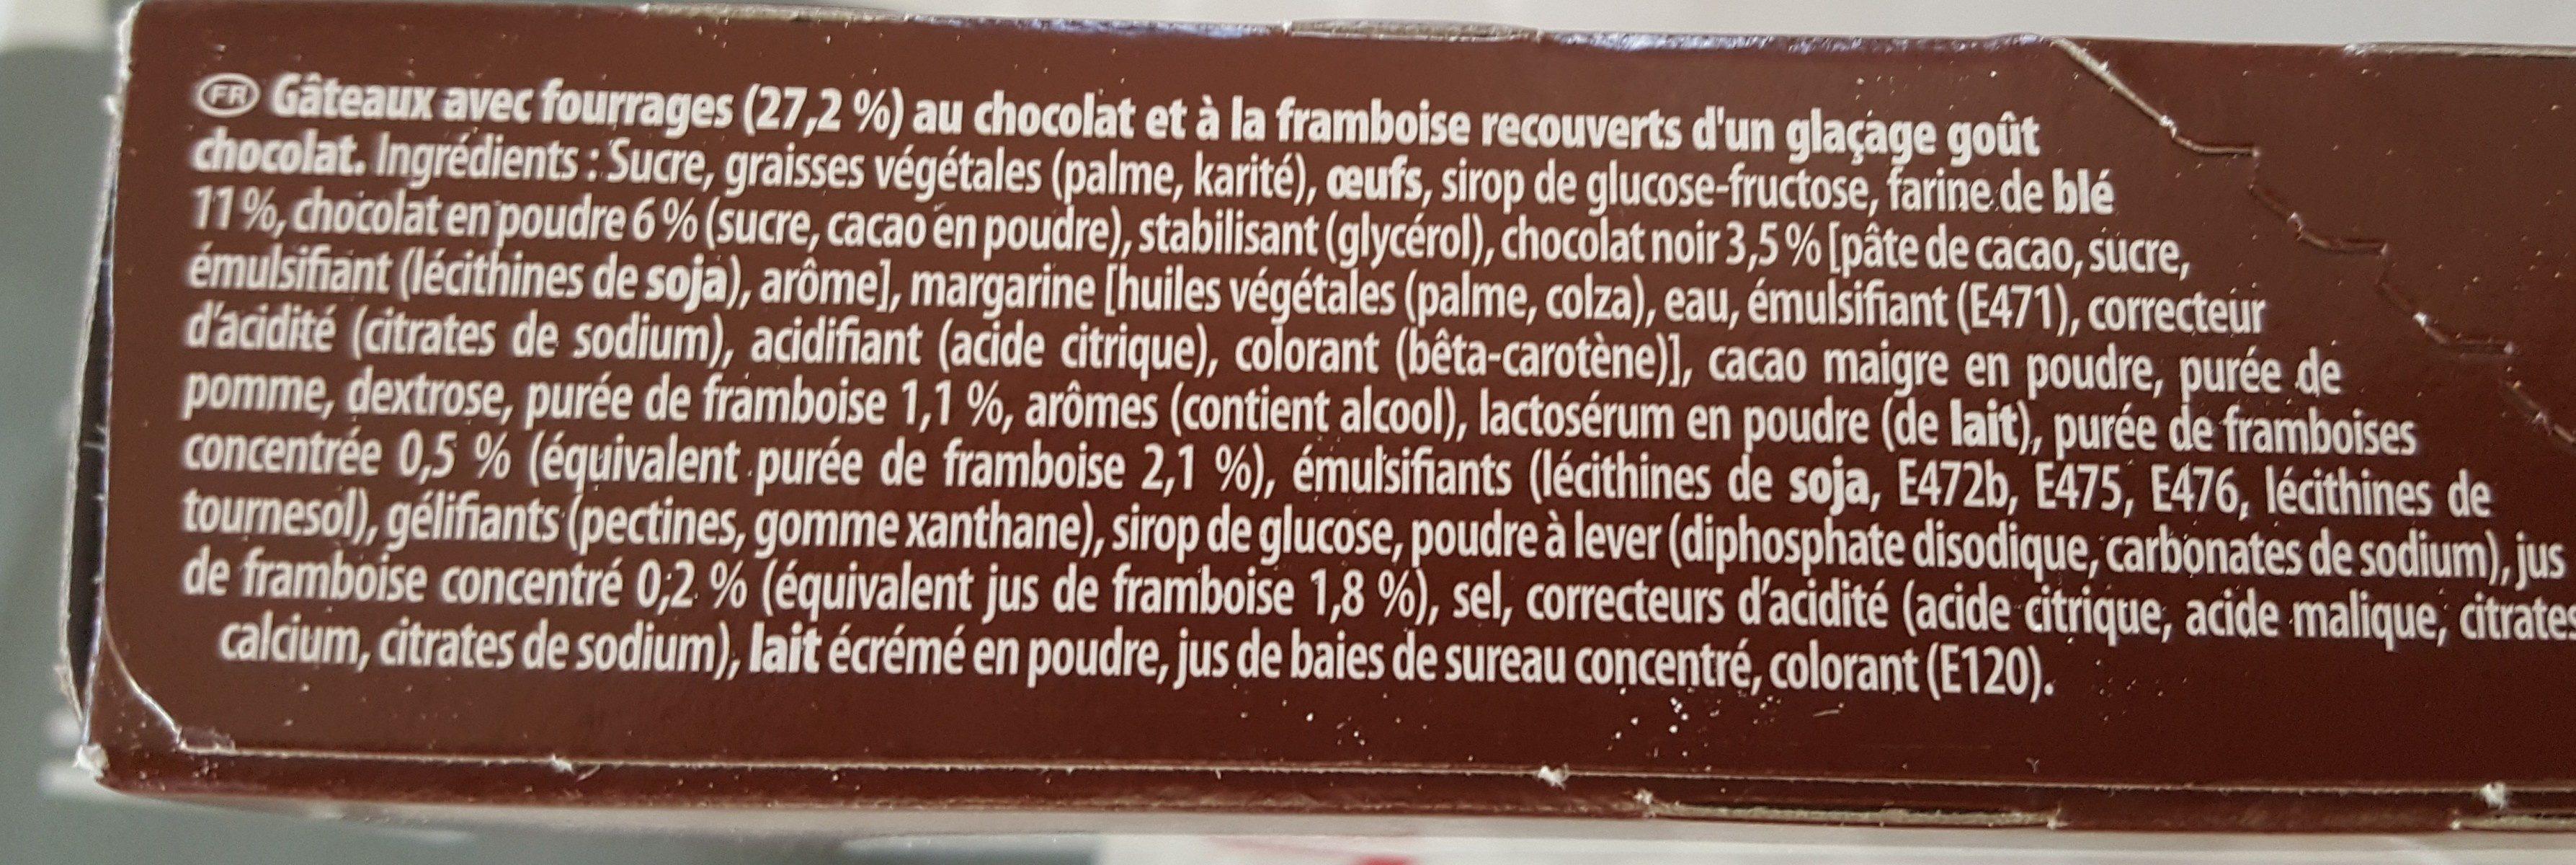 Napolitain Signature Chocolat Framboise - Ingrédients